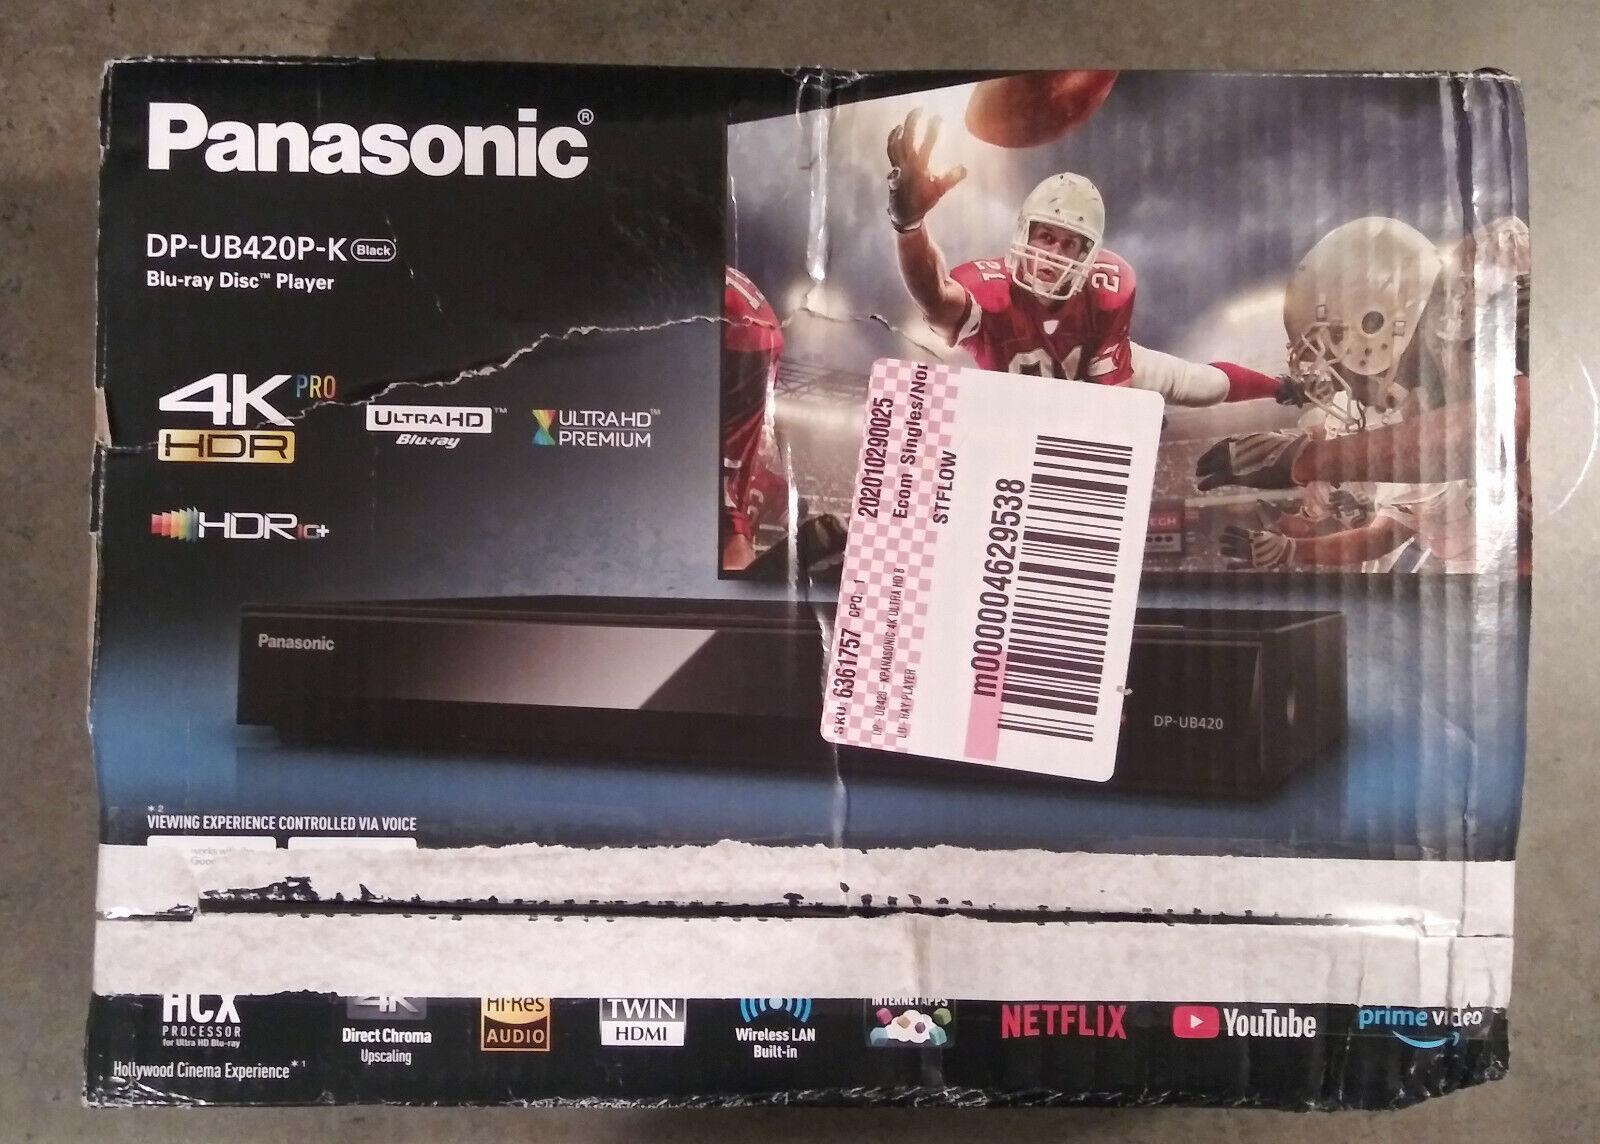 Panasonic Streaming 4K Ultra HD Blu-ray player DP-UB420P-K *FREE SHIPPING* panasonic player streaming ultra